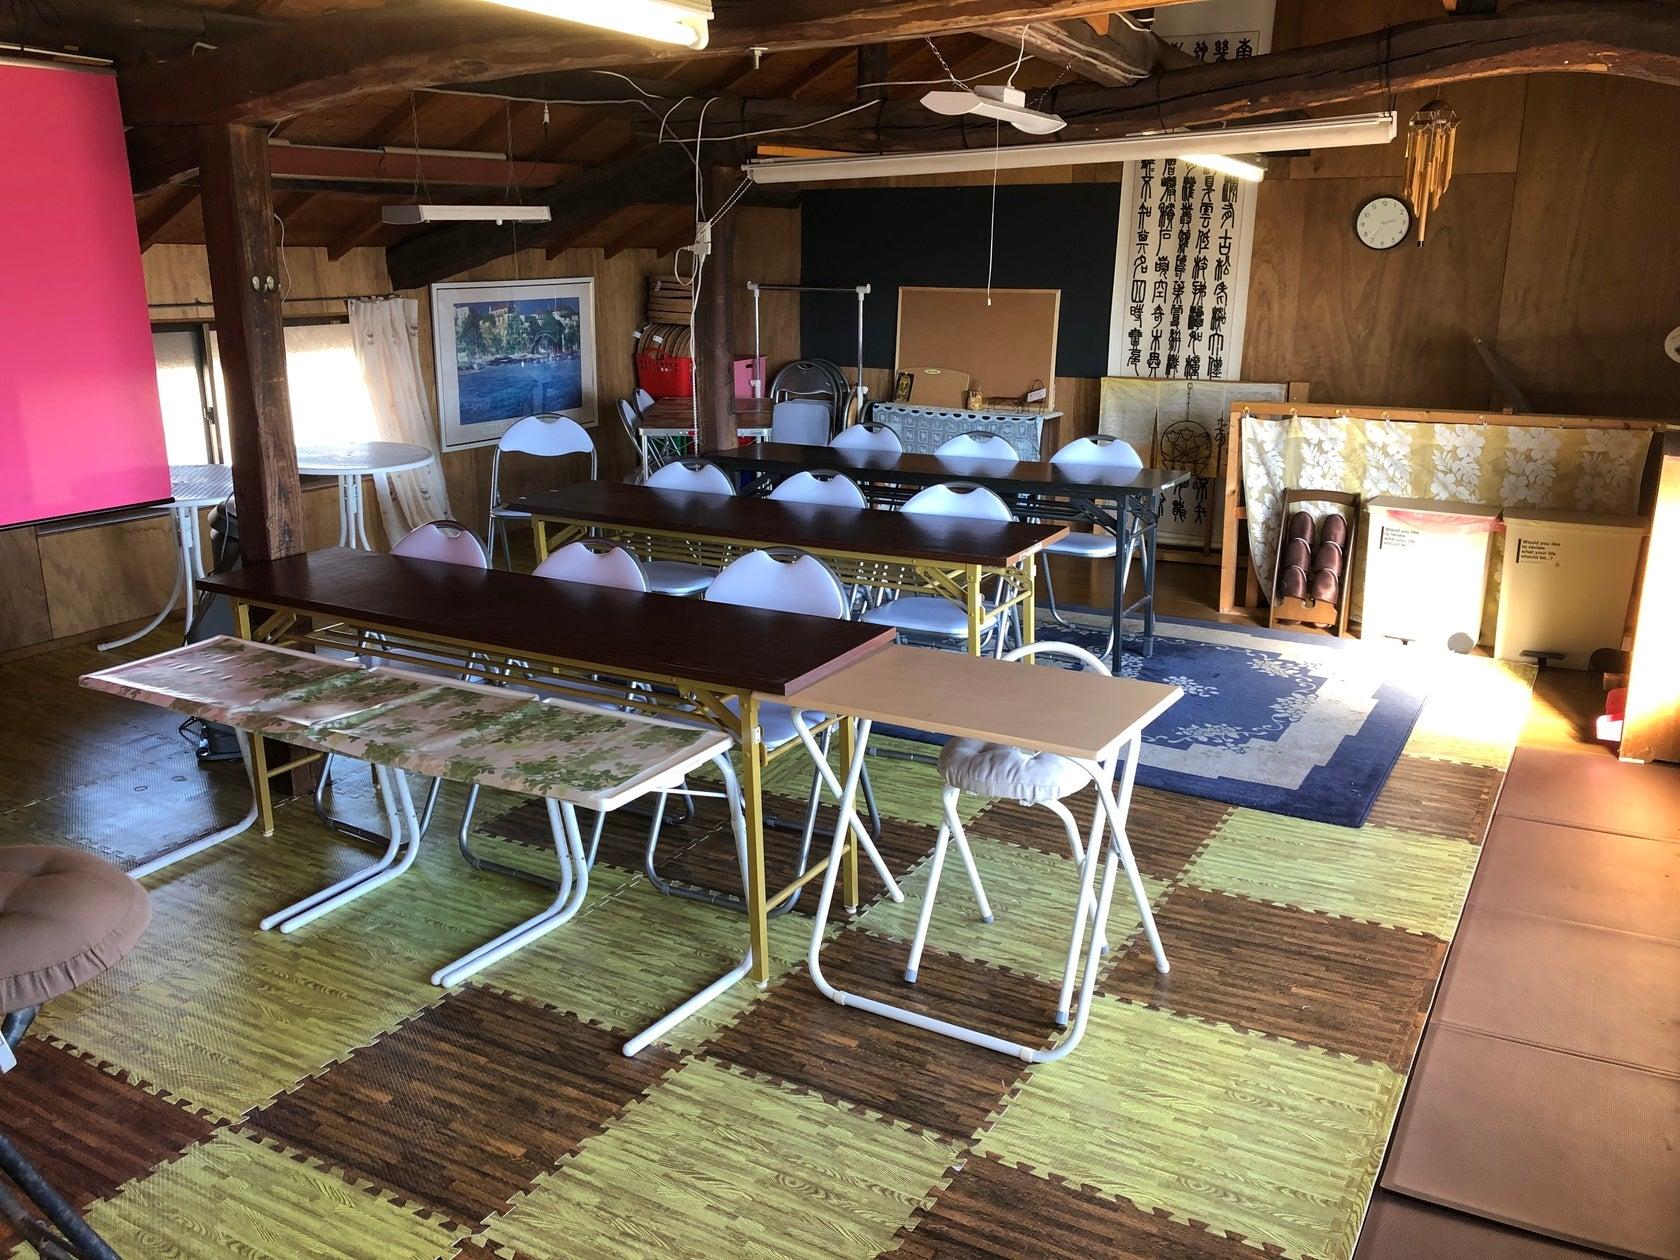 【築120年の古民家】静かな環境で自由に使えます。会議/パーティー/研修会/セミナーなどに【埼玉】 の写真